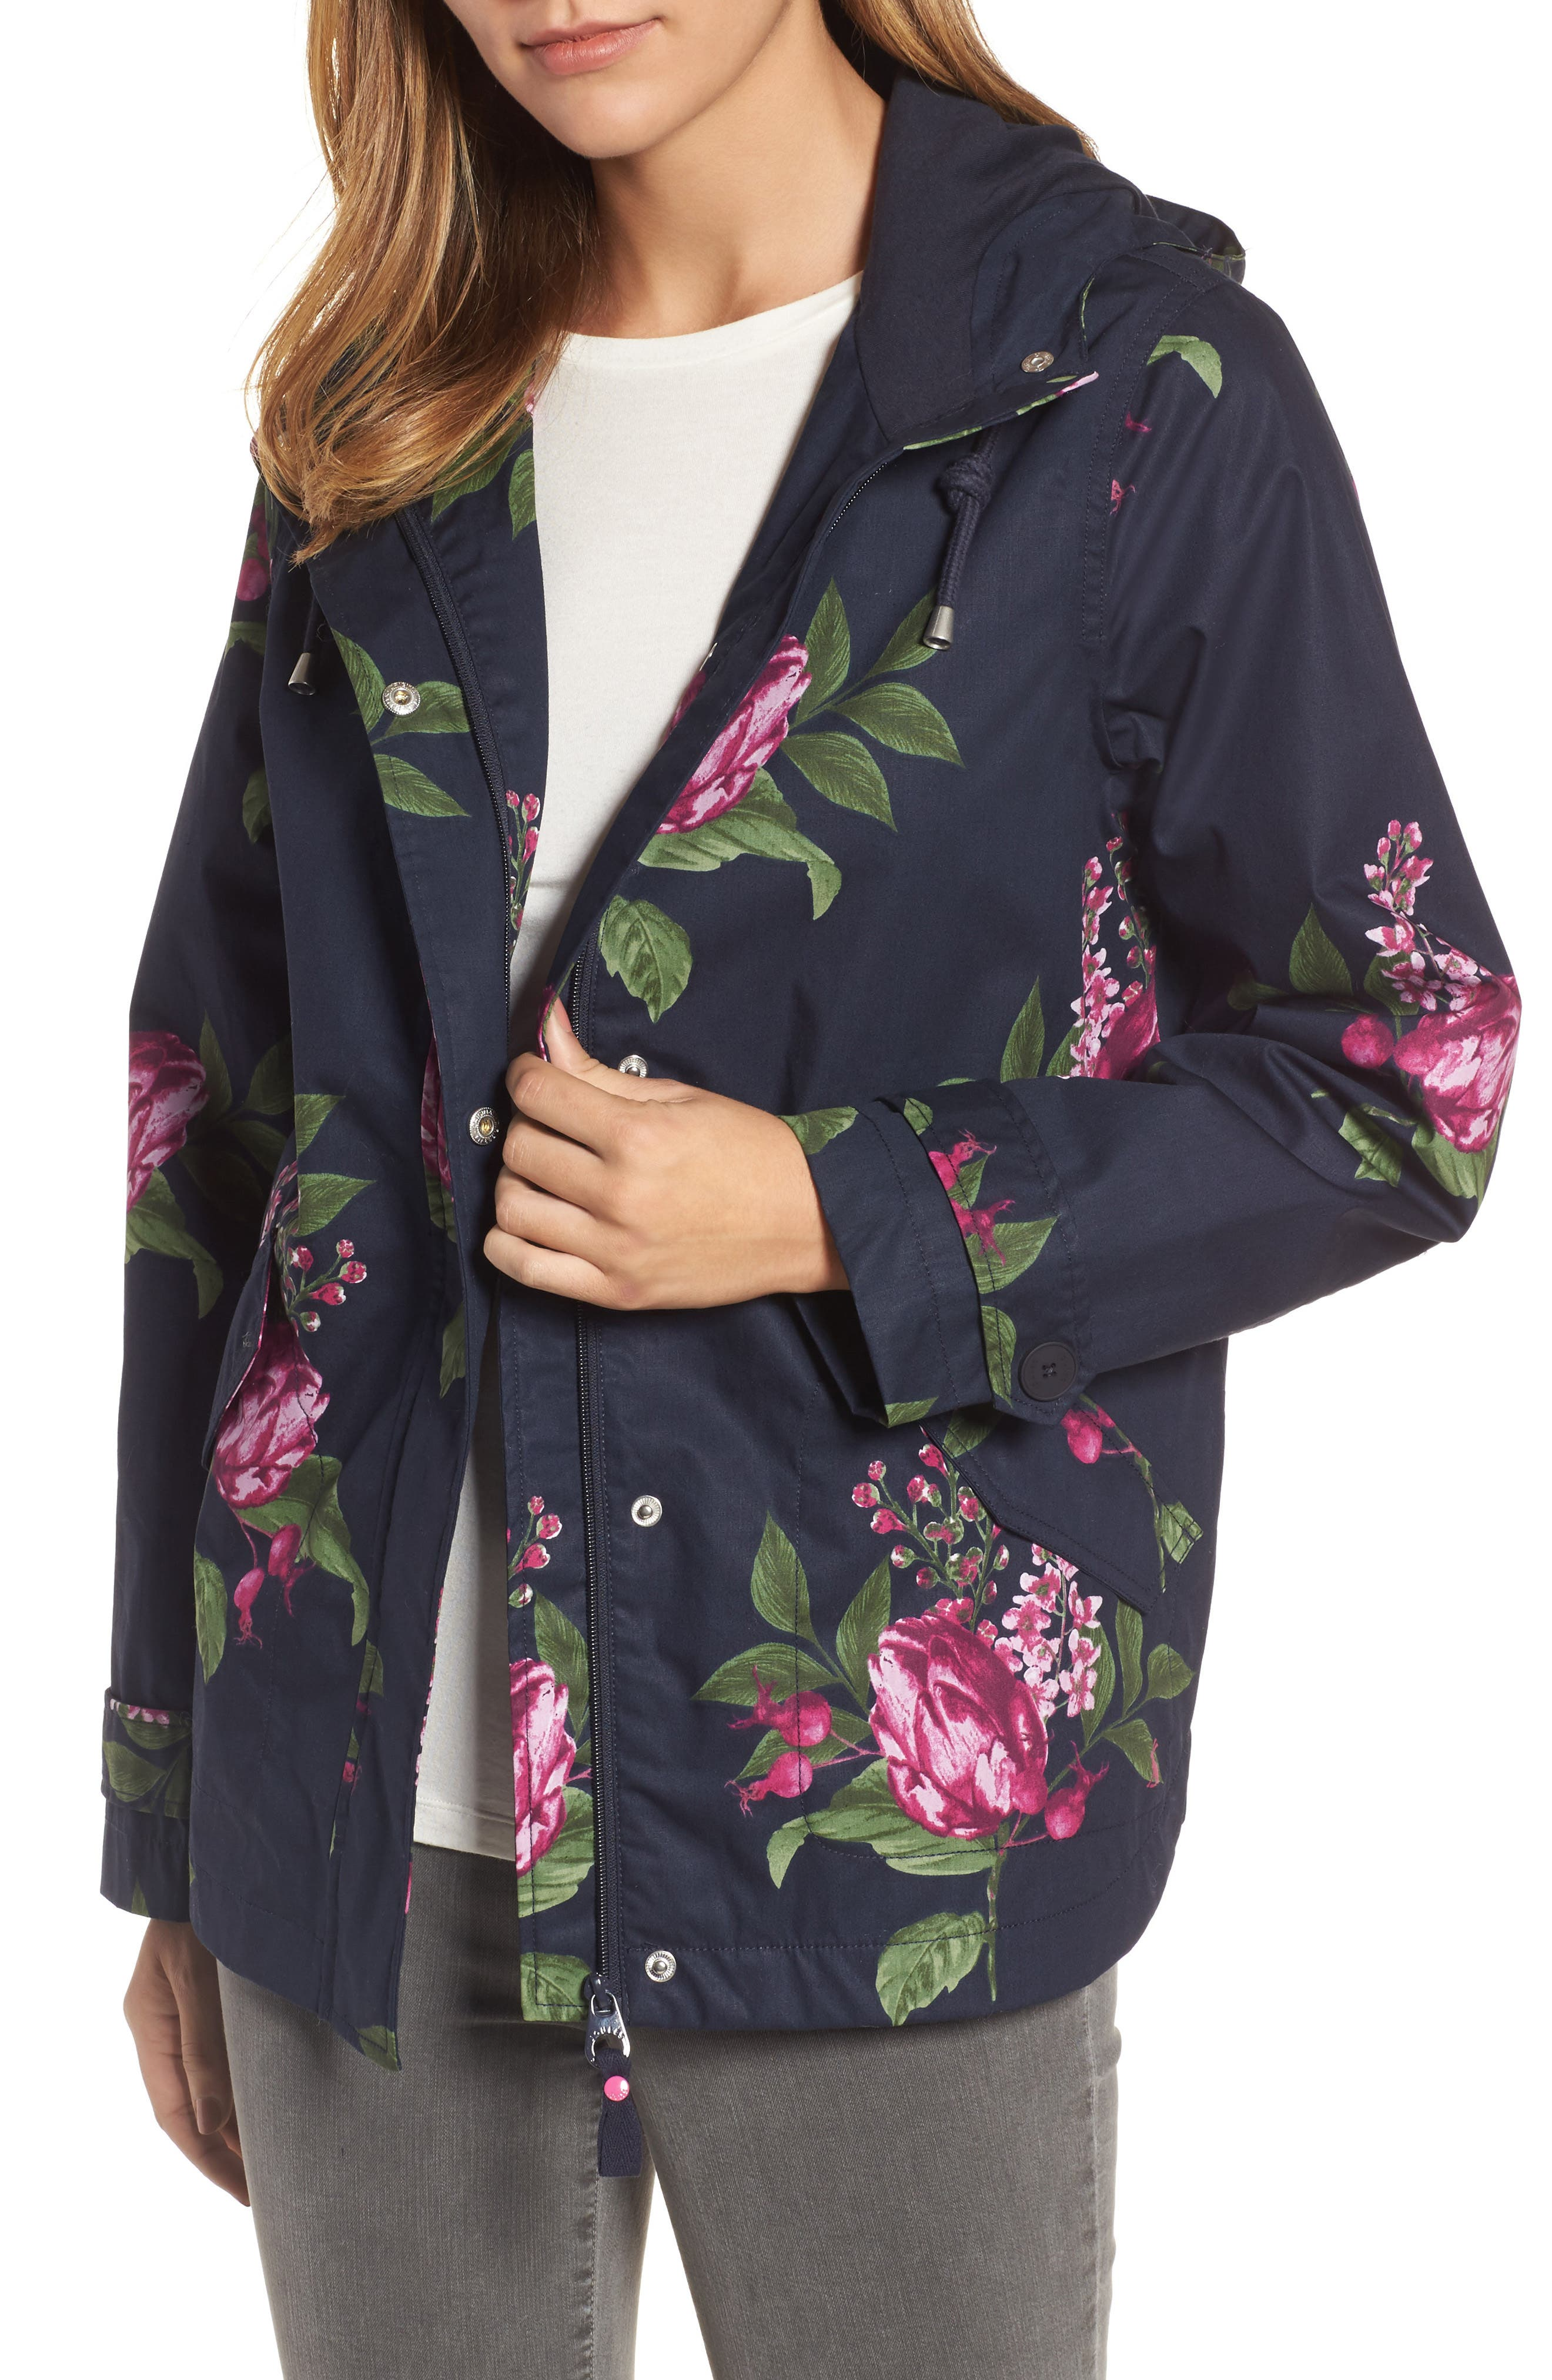 Alternate Image 1 Selected - Joules Right as Rain Print Waterproof Hooded Jacket